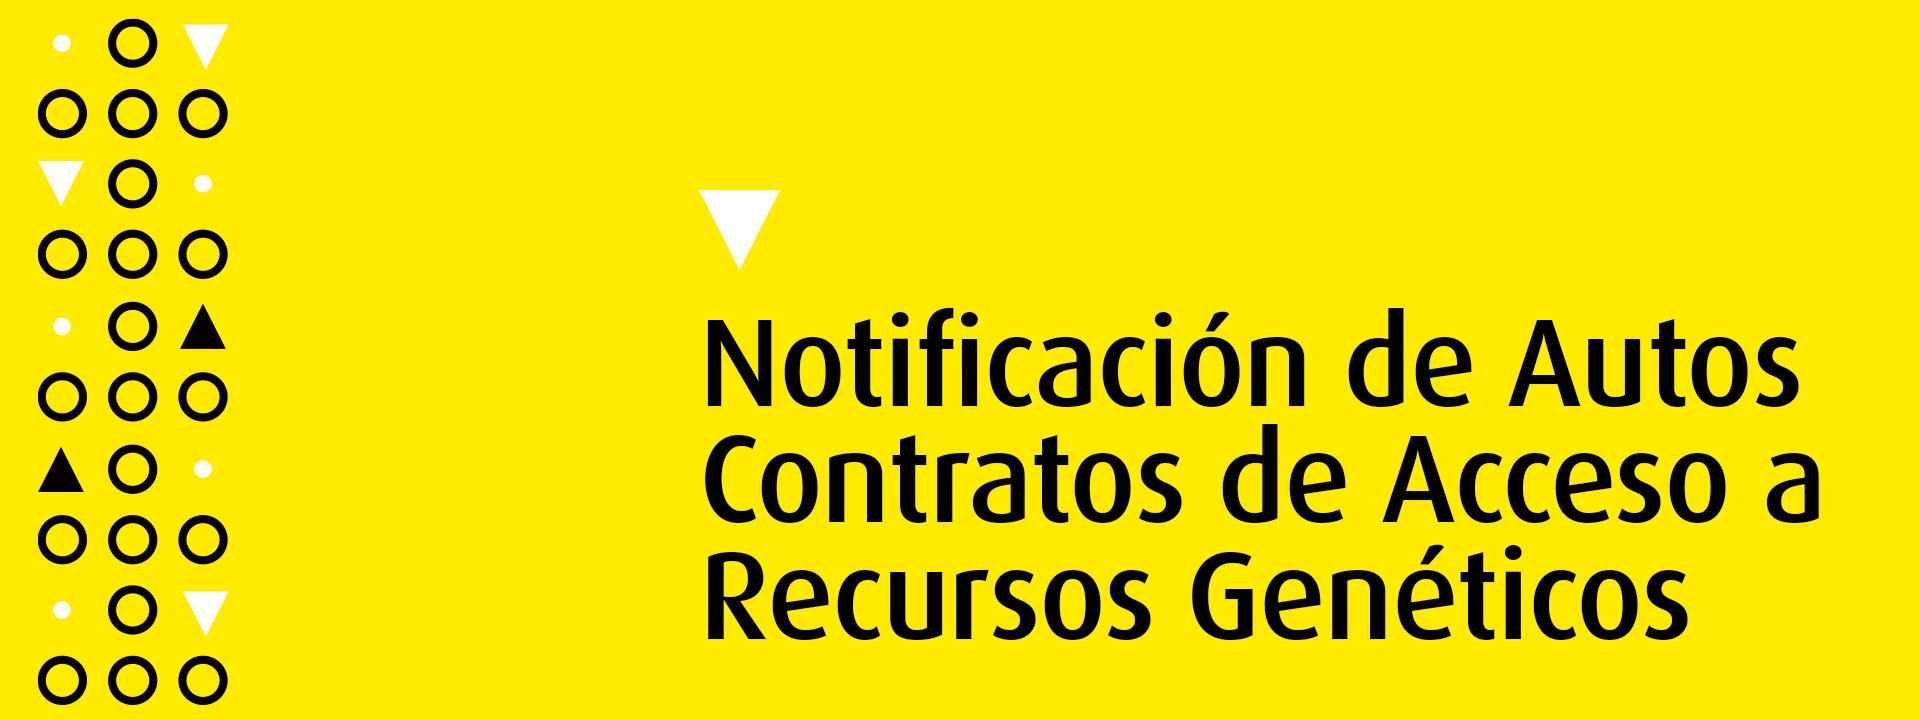 Notificaciones de auto al Contrato de Acceso a Recursos Genéticos | Uniandes